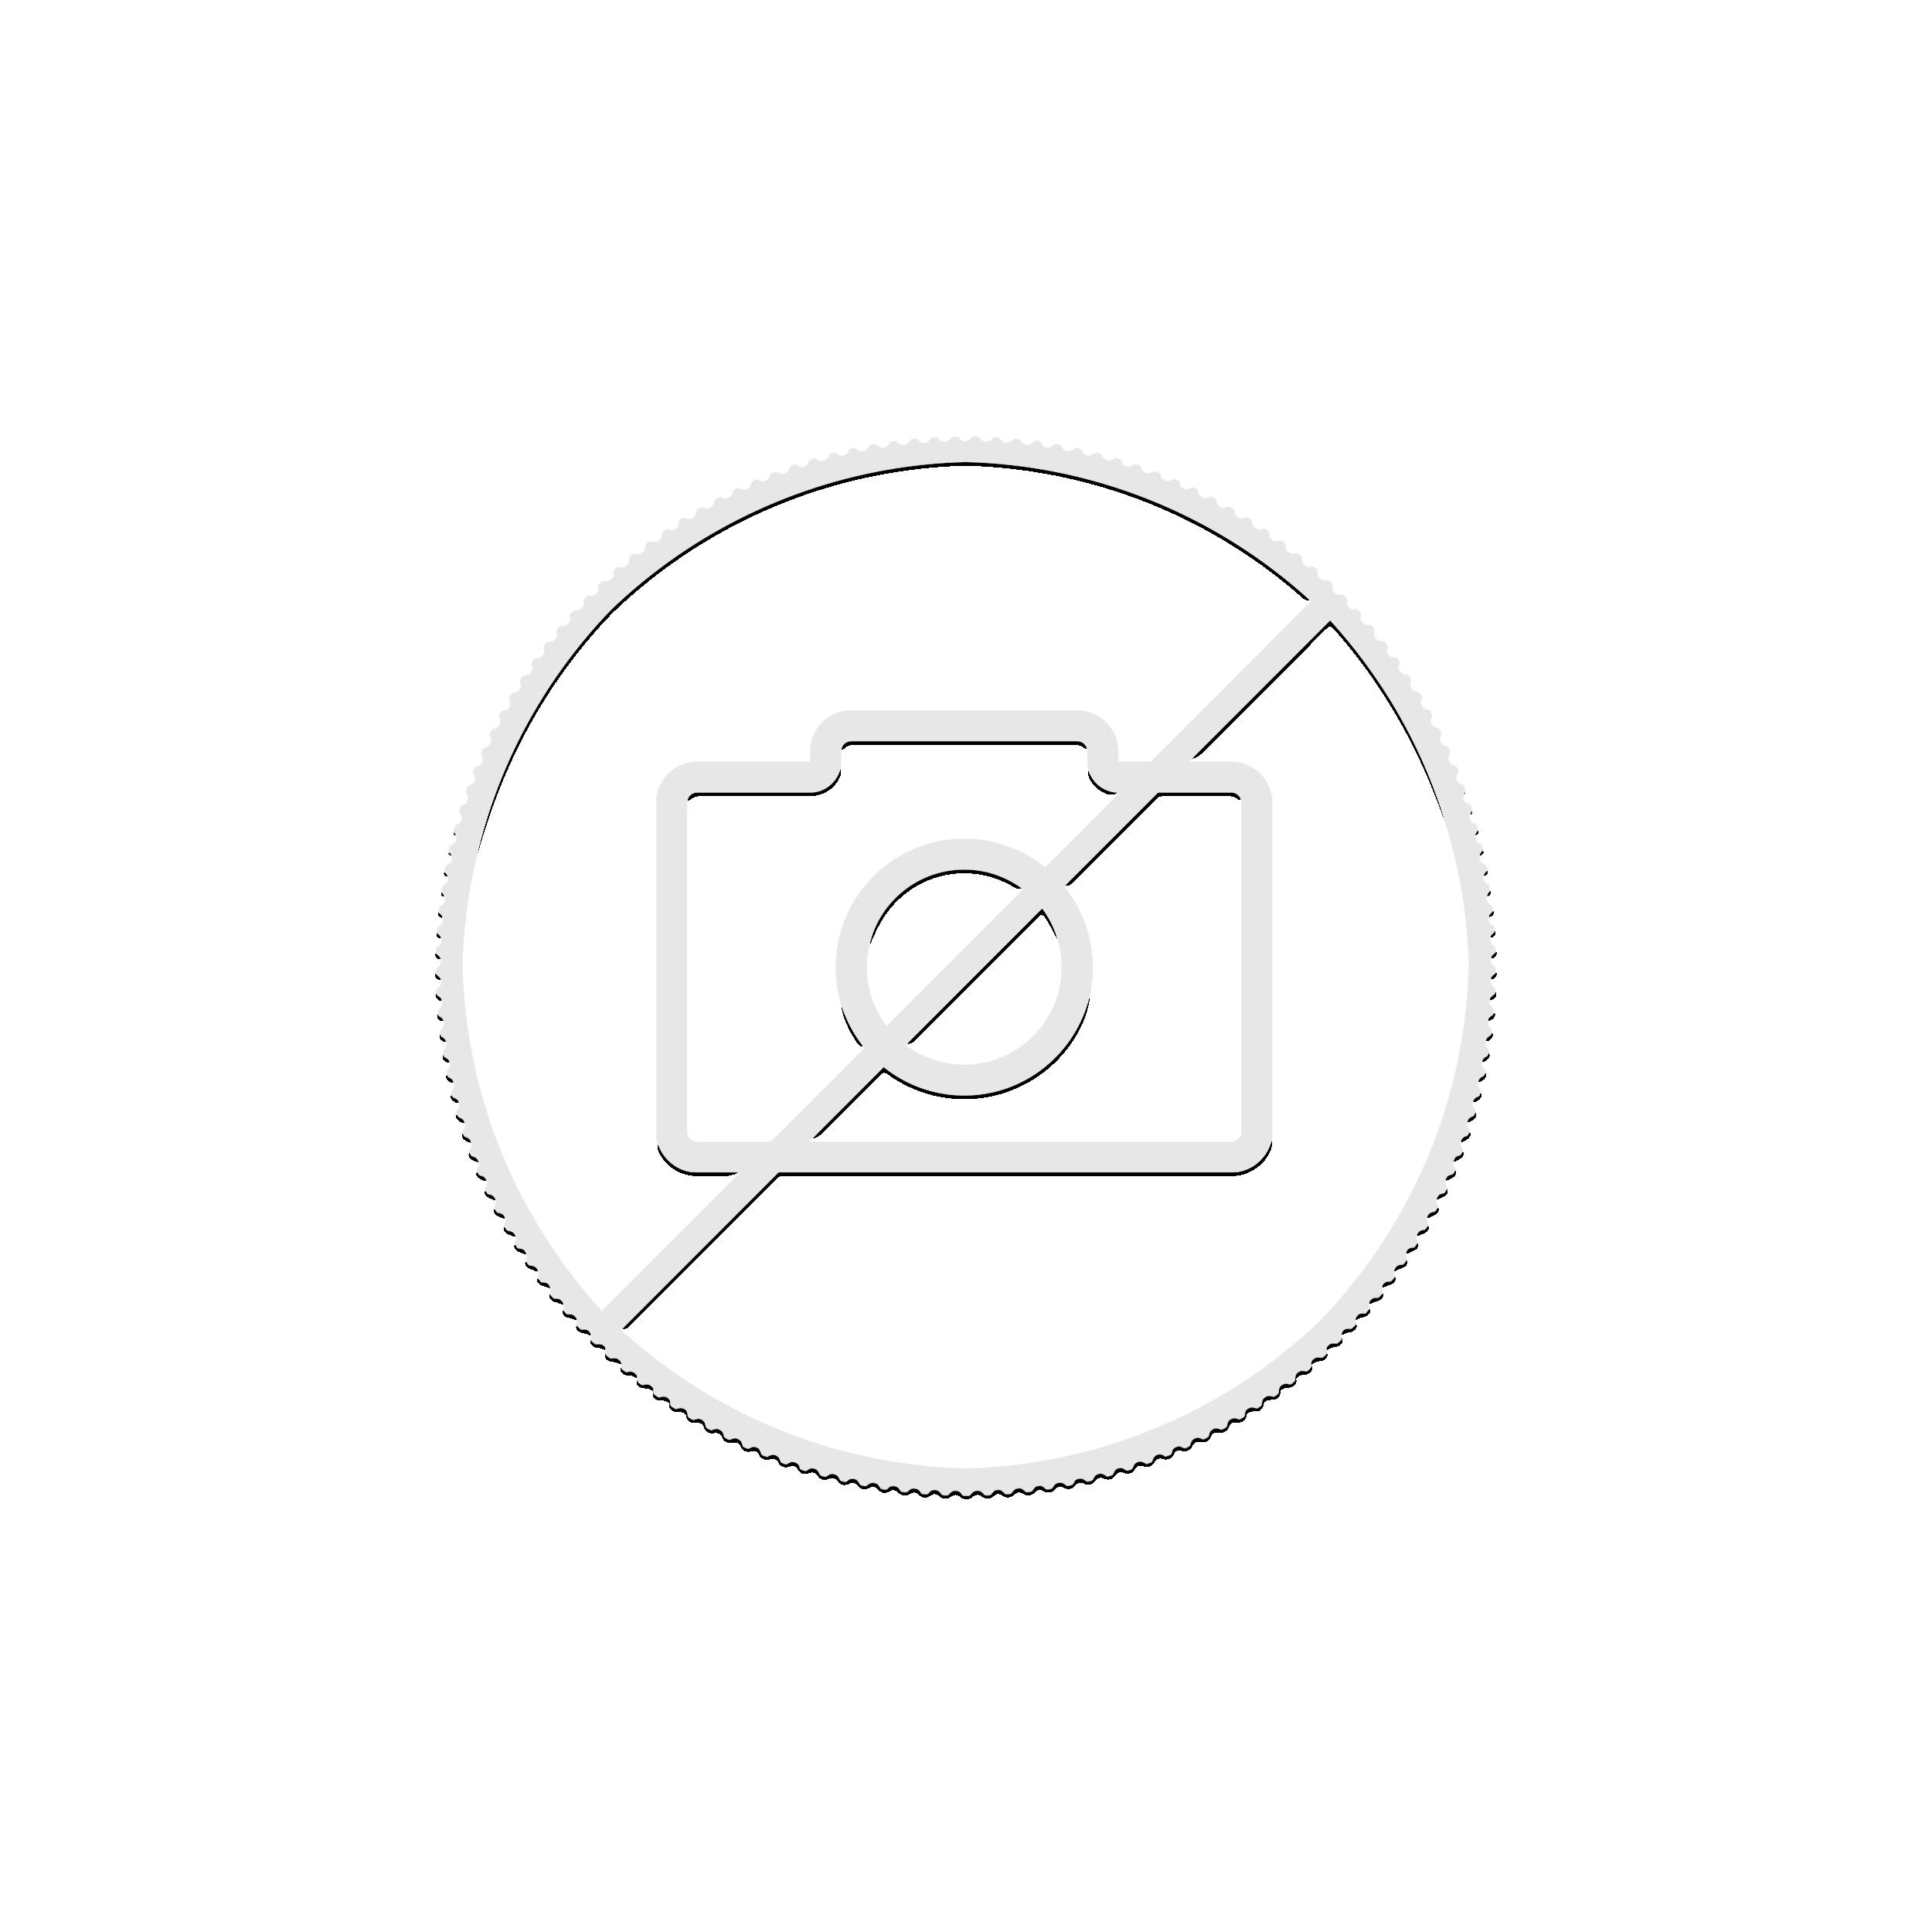 10 Troy ounce Kookaburra 2020 silver coin